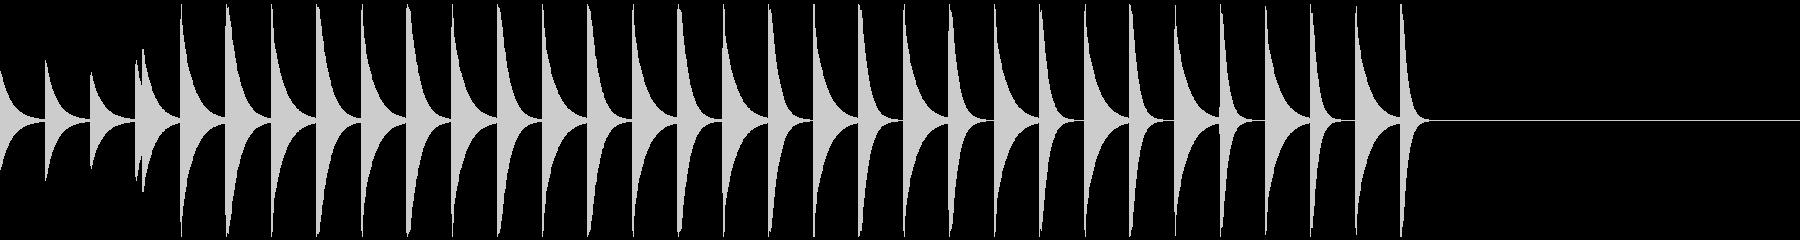 ポコポコ/スクロール/アイキャッチ/1の未再生の波形